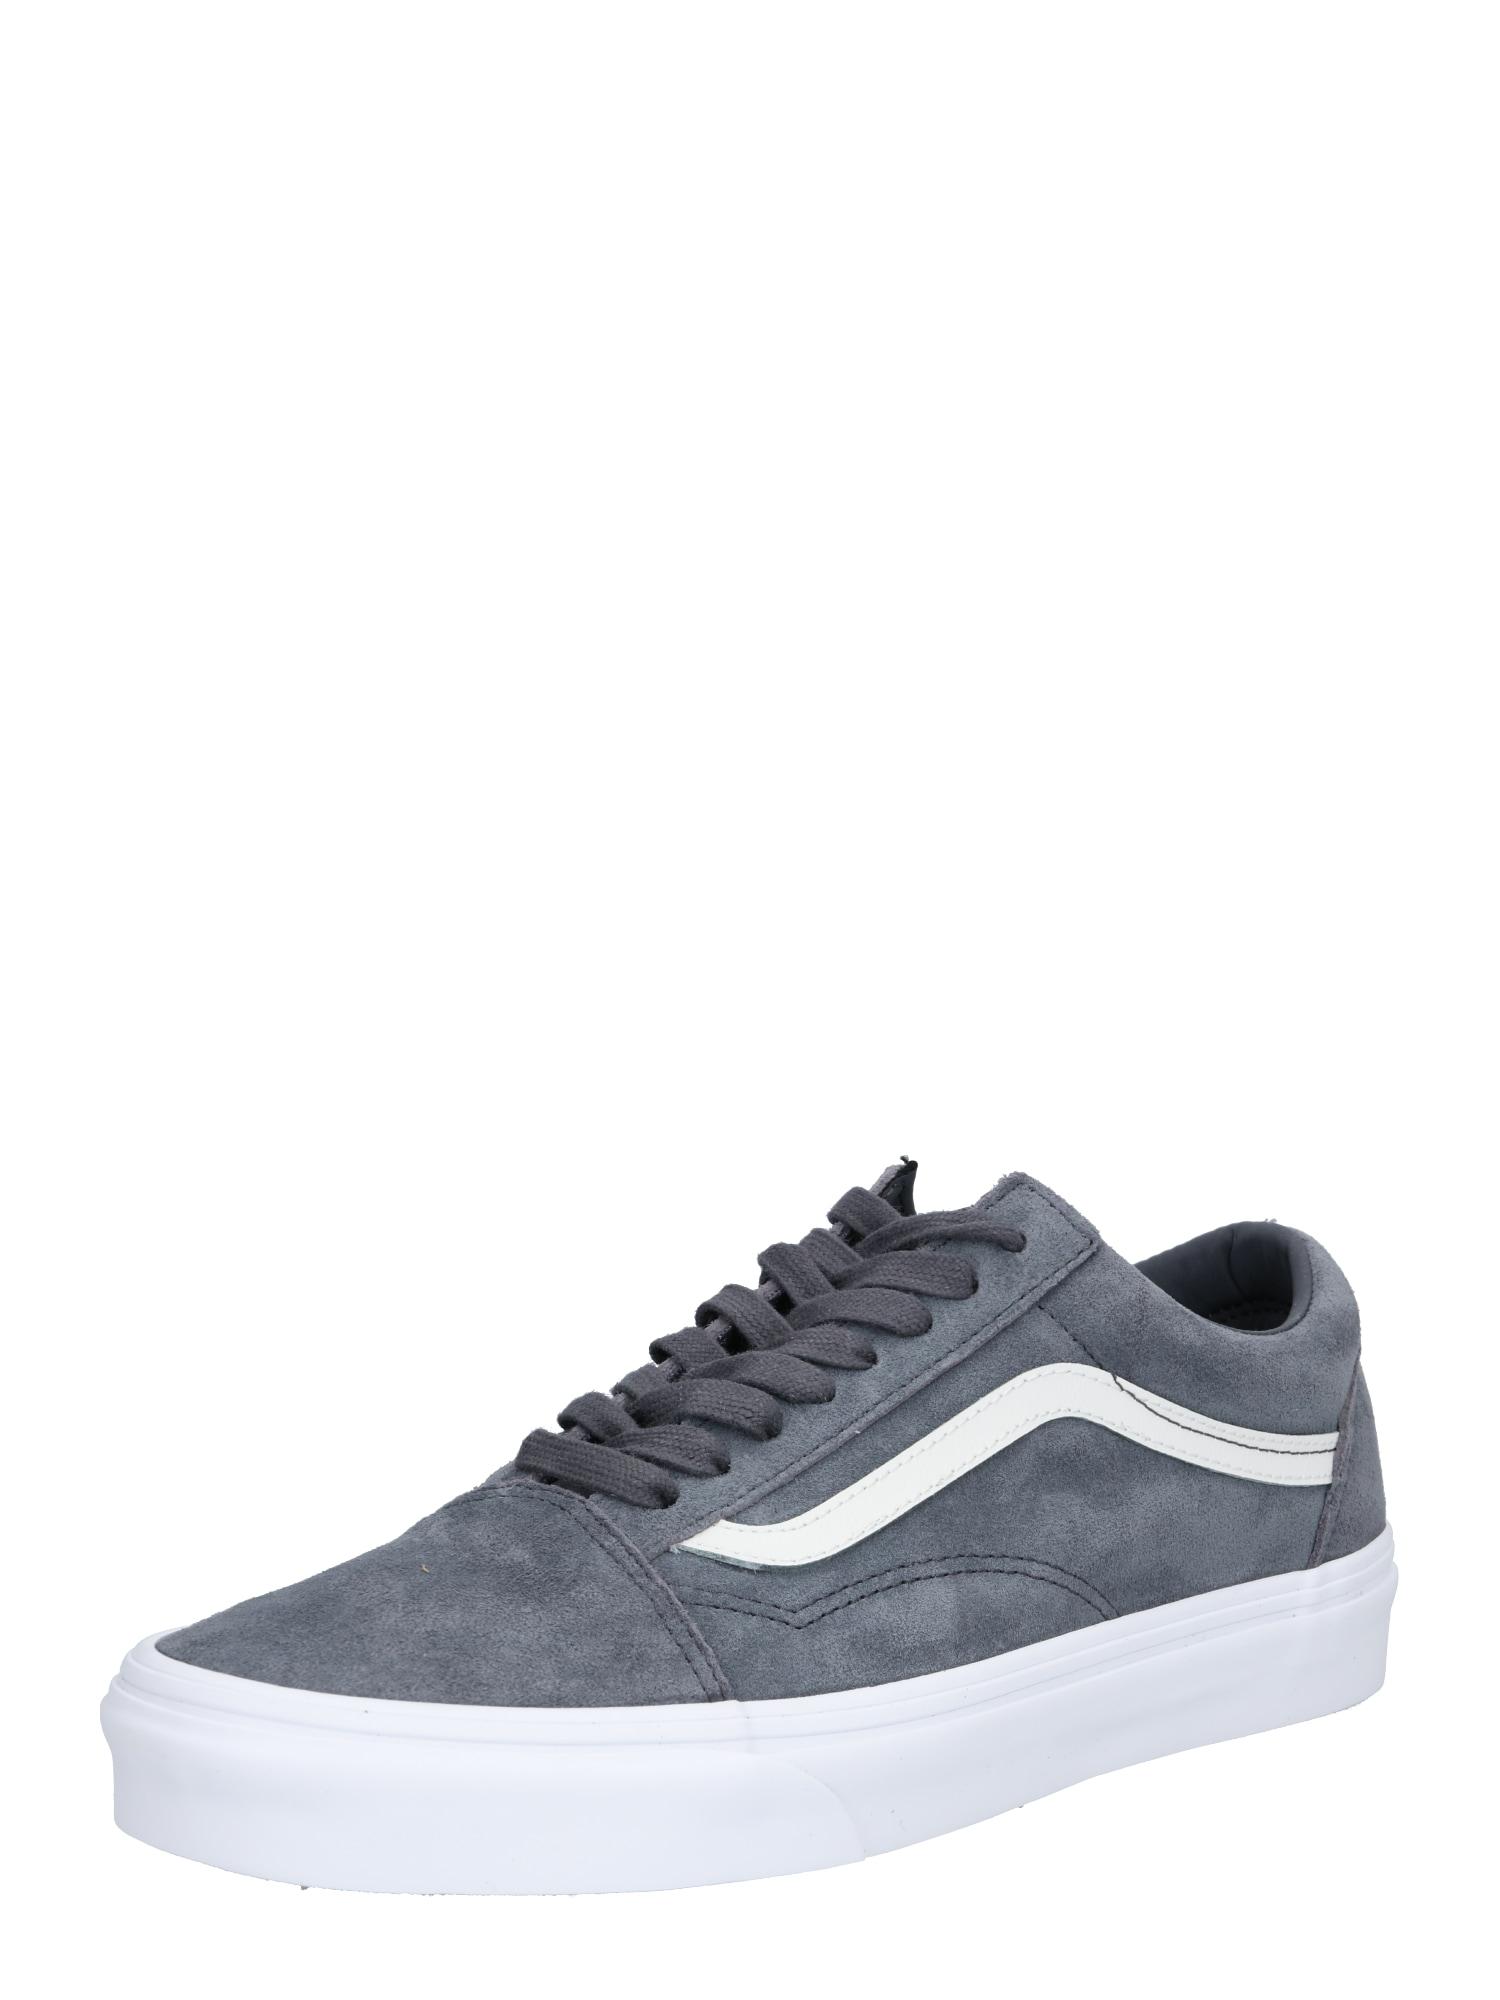 VANS, Heren Sneakers laag 'Old Skool', basaltgrijs / wit